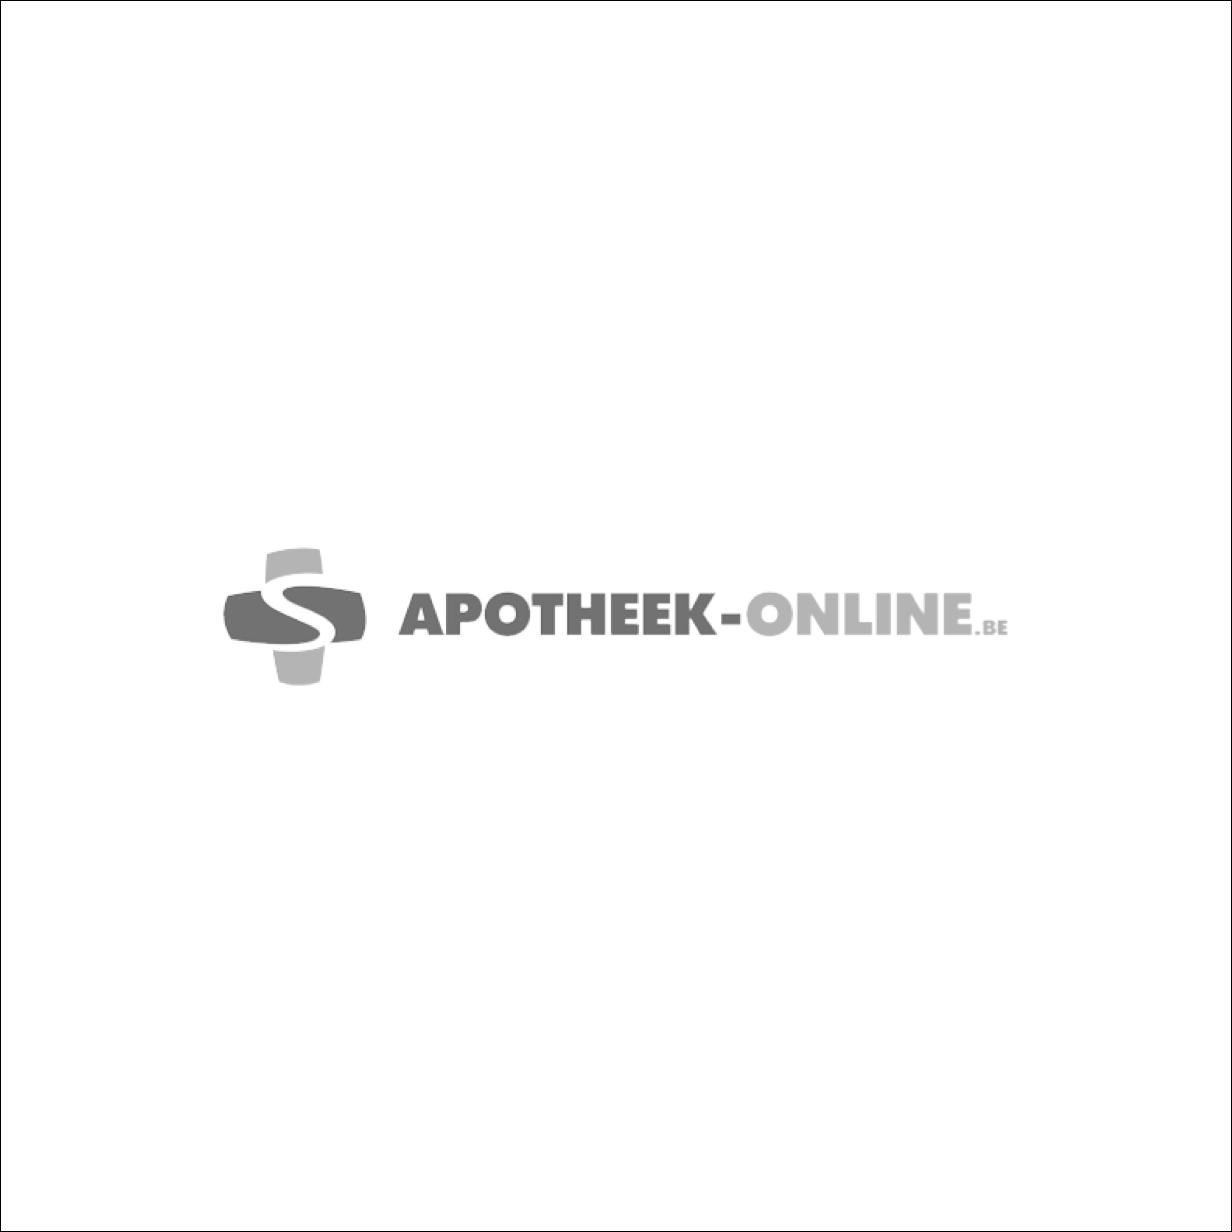 Bota Handpolsband + Duim 105 Skin N2 1 Stuk